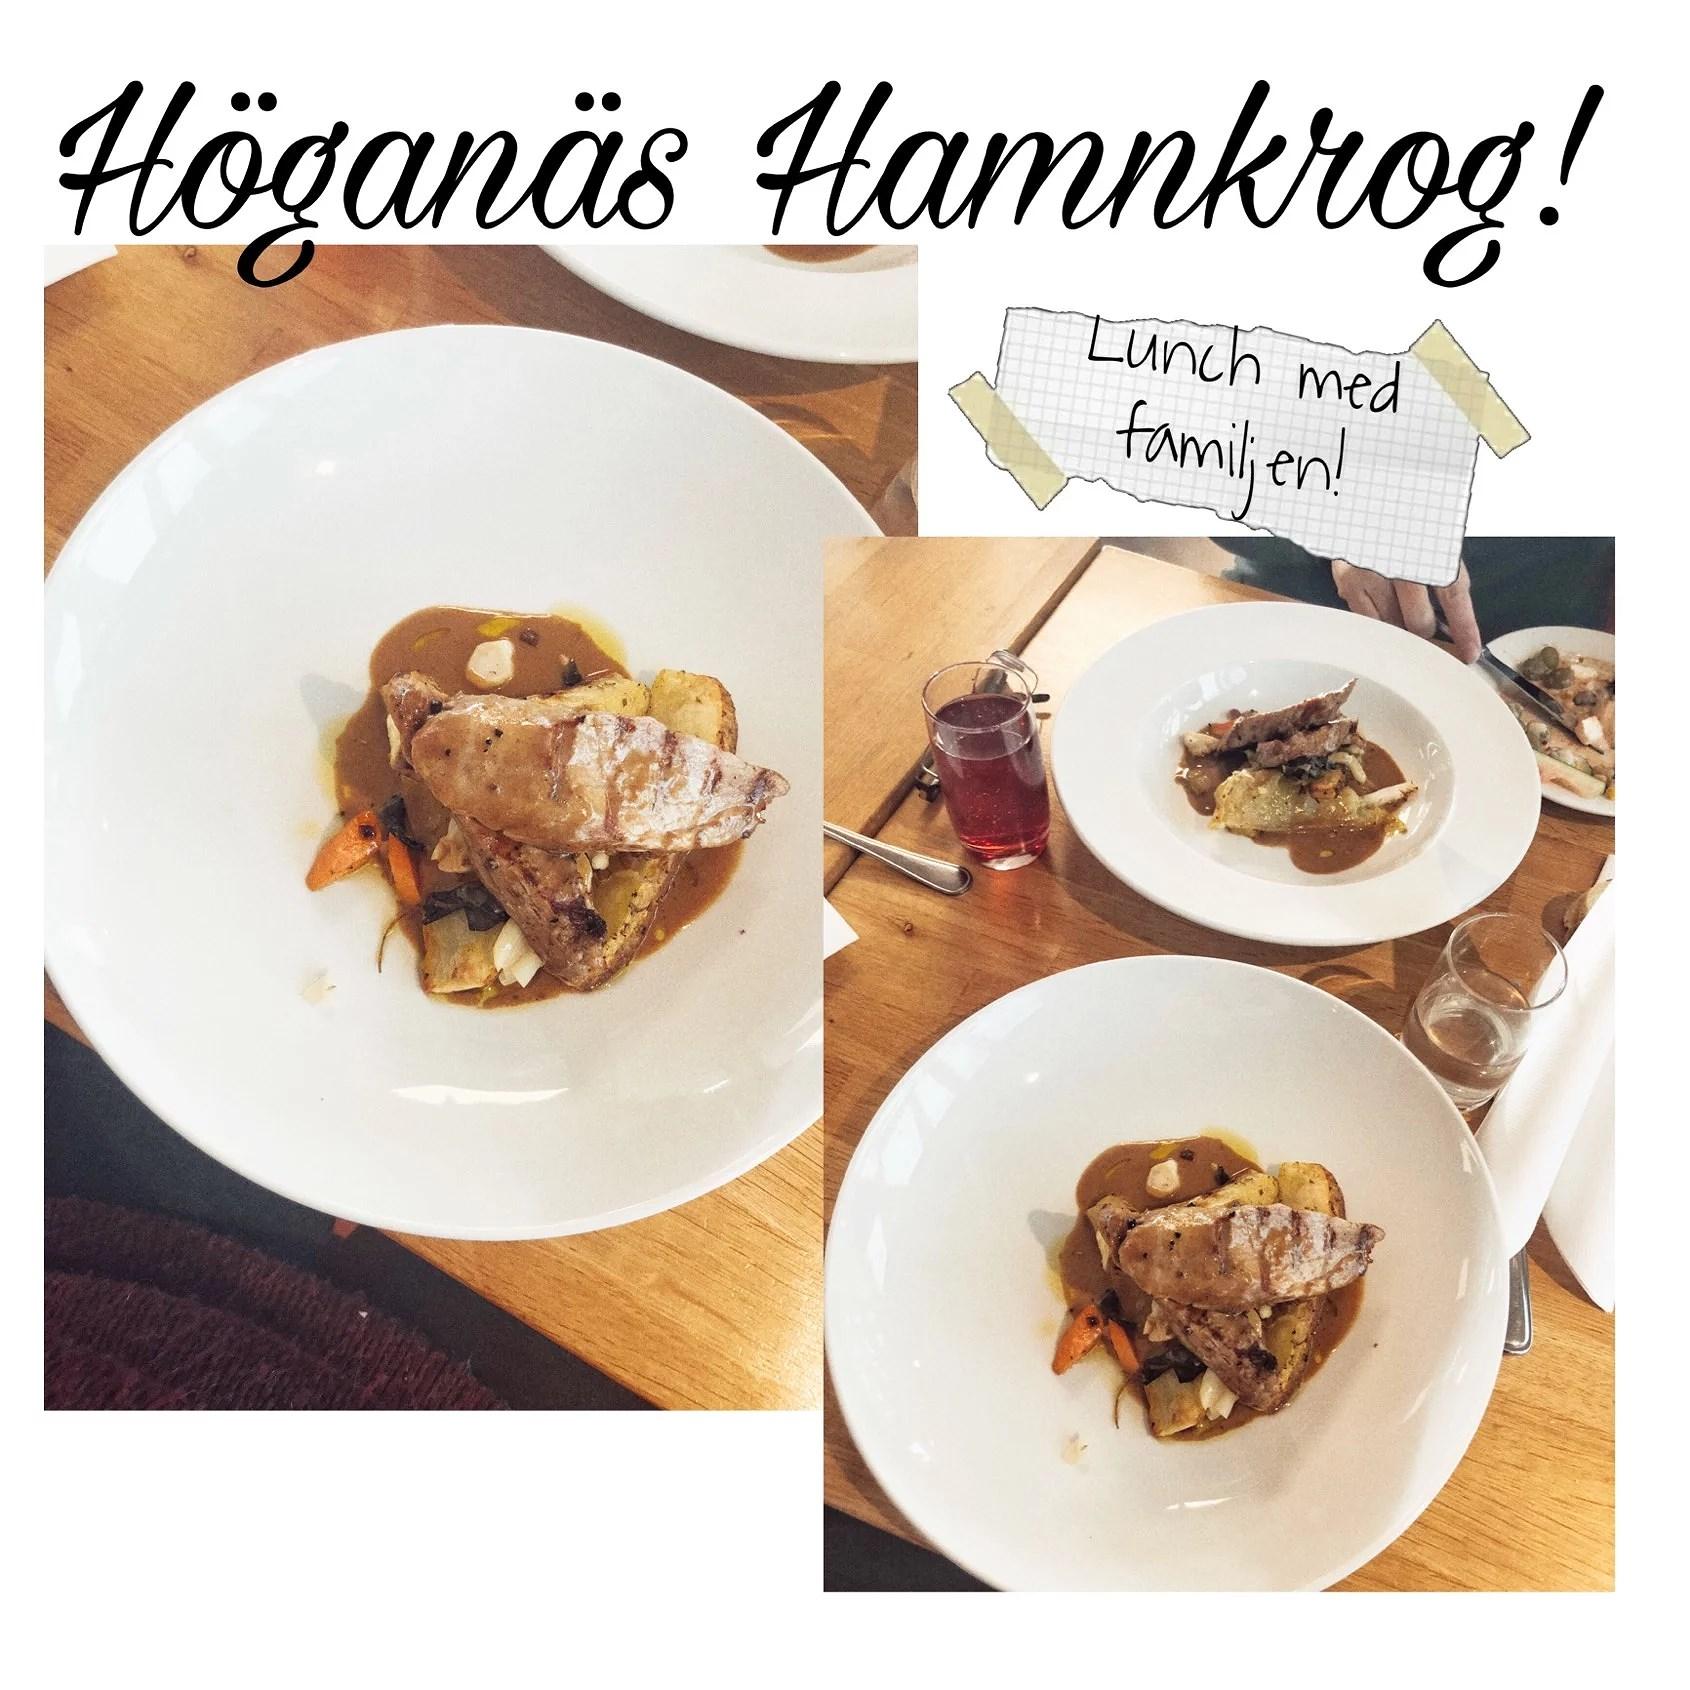 Höganäs Hamnkrog